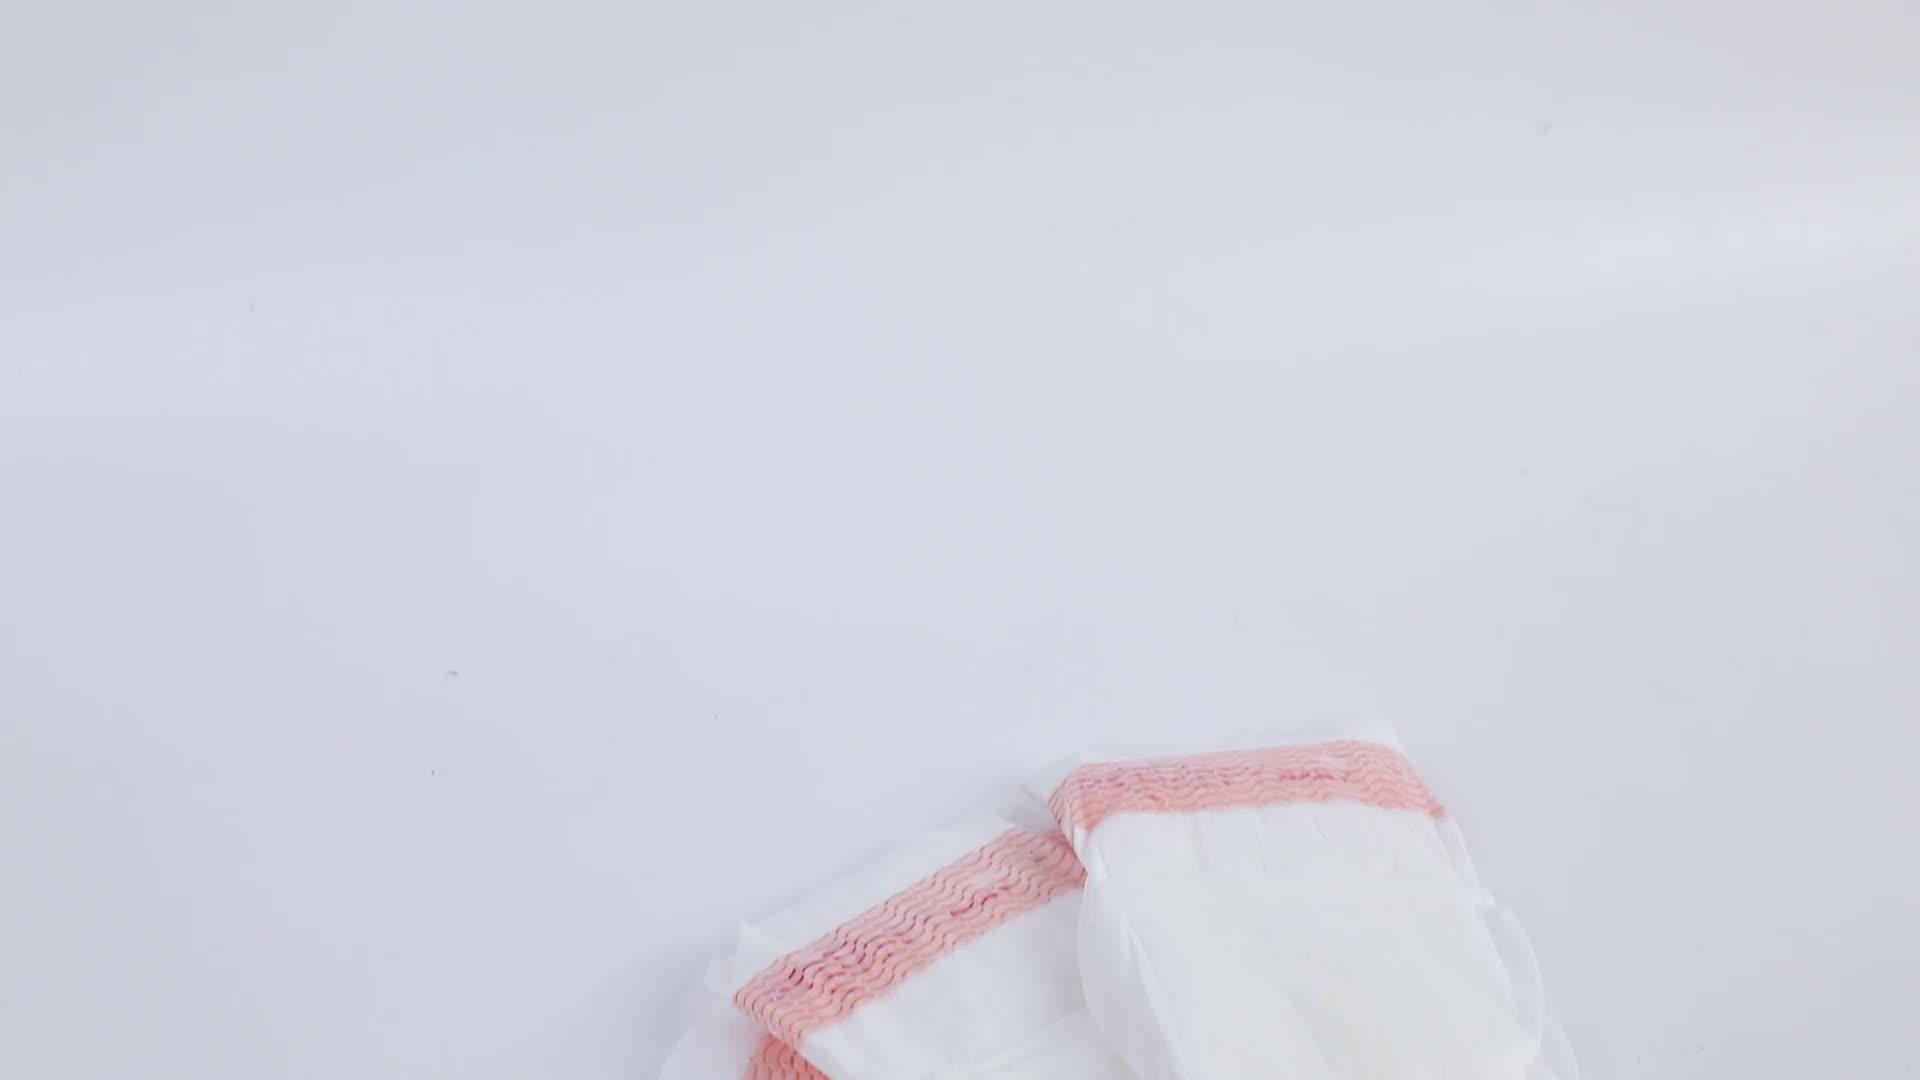 Renkli tek kullanımlık bebek bezi ticcis marka adı ile yeni tasarım